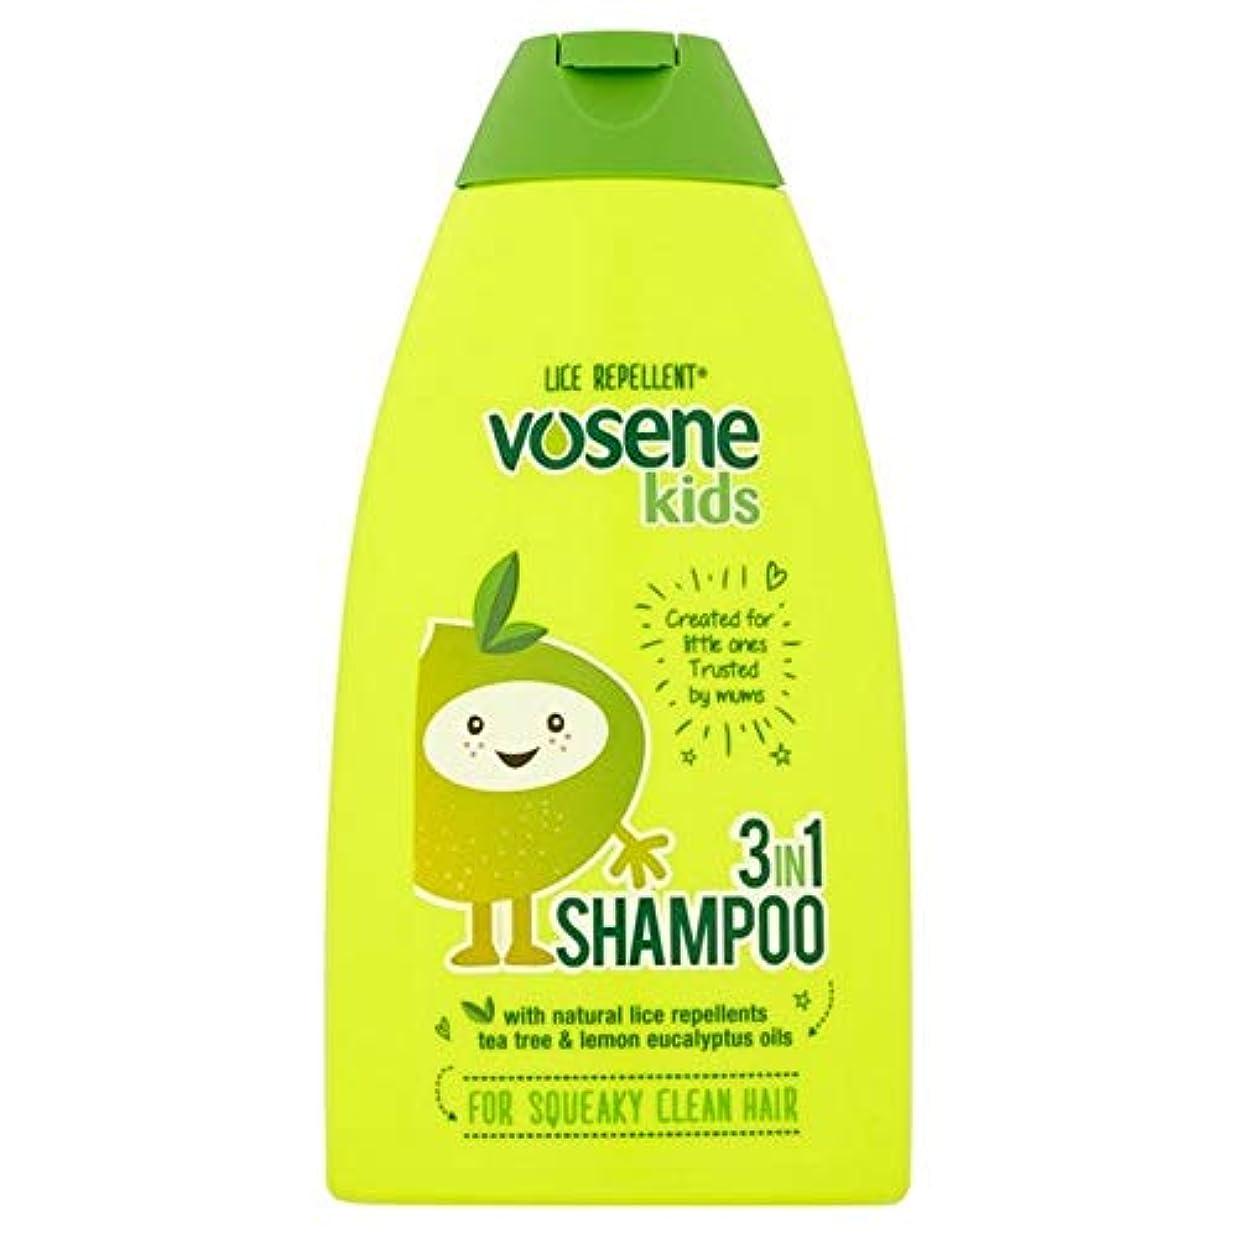 債務模倣慎重に[Vosene] 1つのコンディショニングシャンプー250ミリリットルでVosene子供3 - Vosene Kids 3 in 1 Conditioning Shampoo 250ml [並行輸入品]